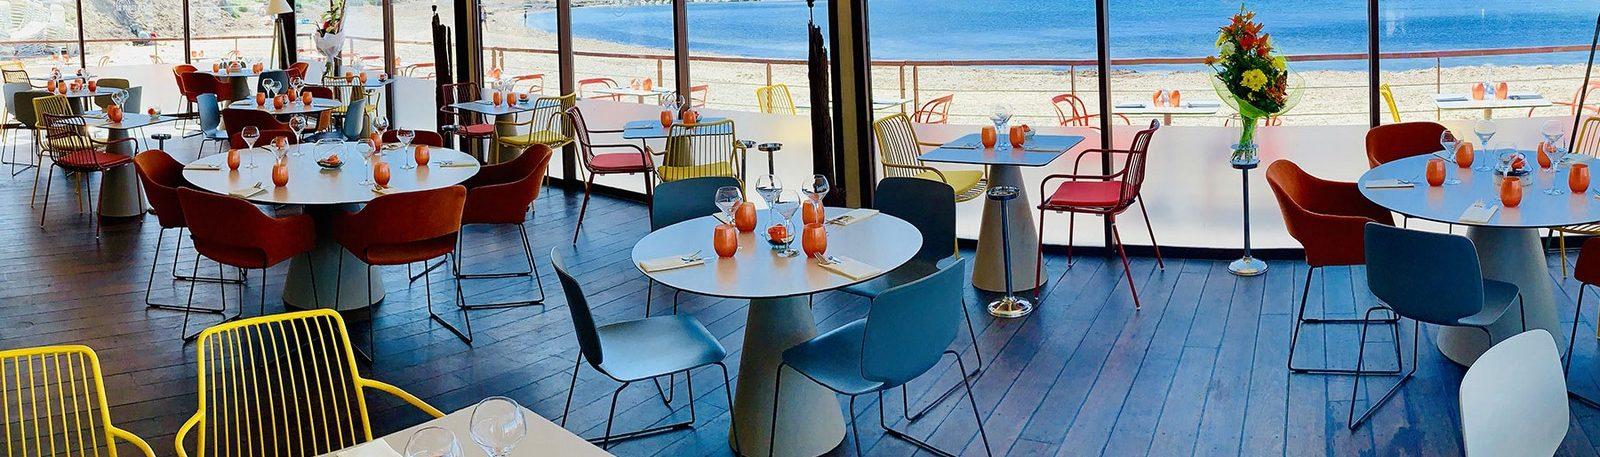 """Restaurant """"La Petite Plage"""" à la Coudoulière"""